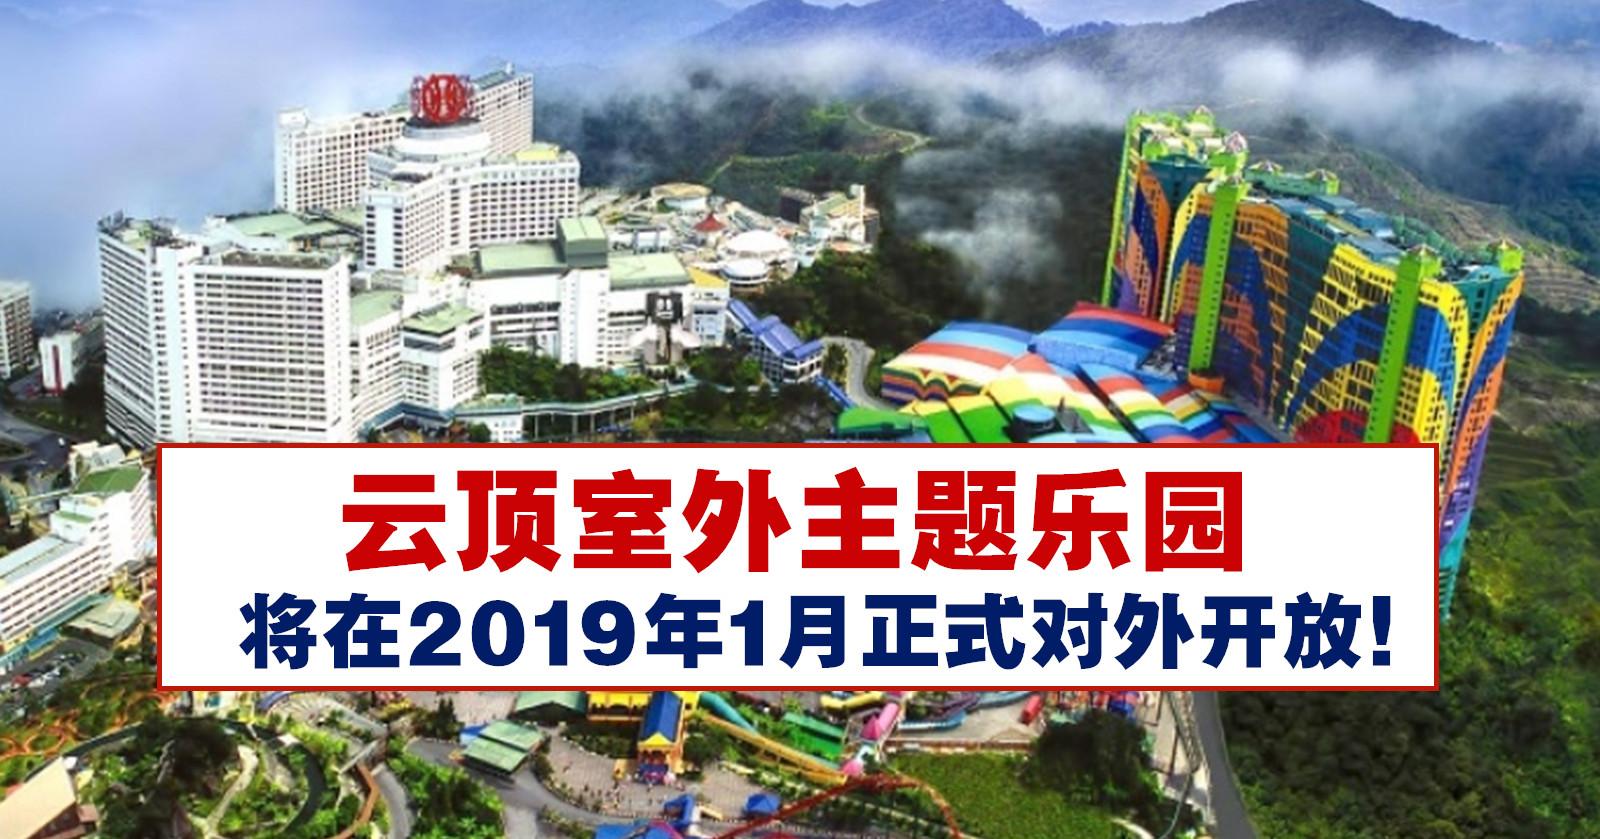 云顶室外主题乐园将在2019年1月正式对外开放!